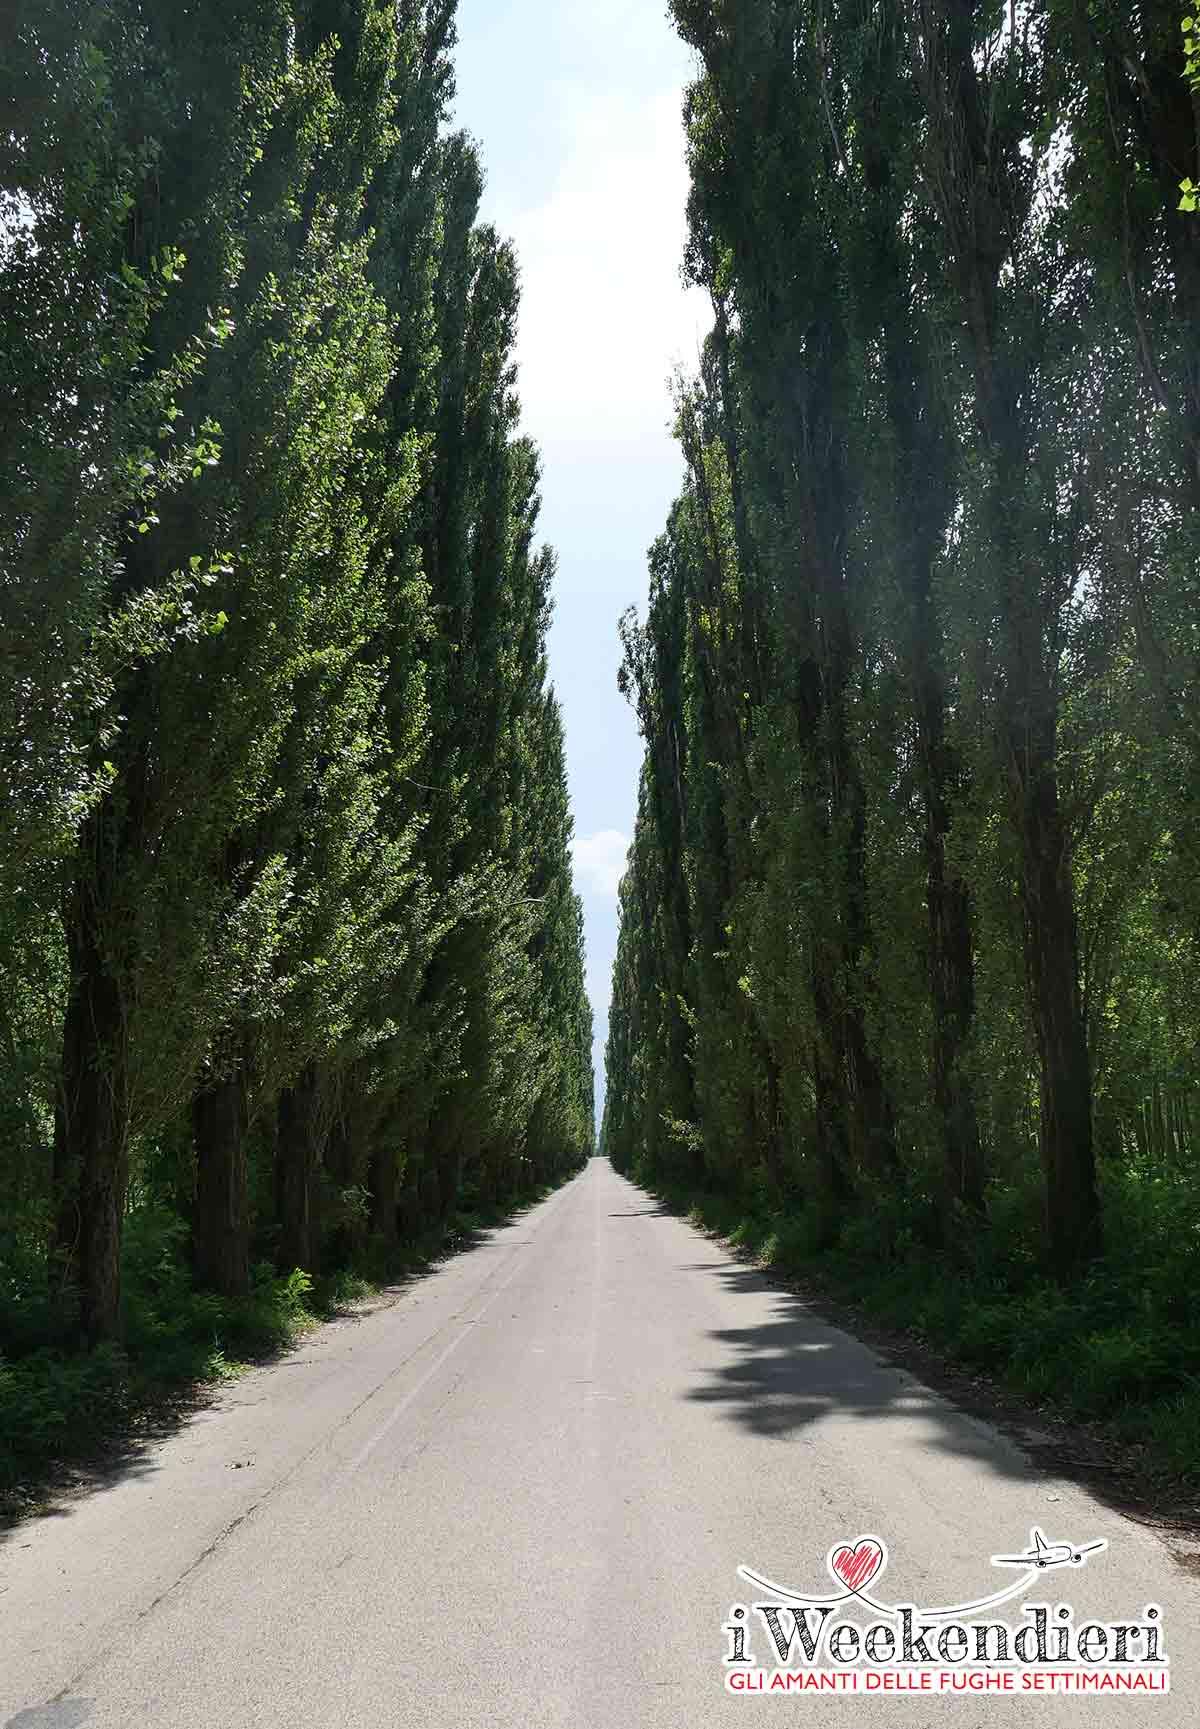 Gualtieri Reggio Emilia